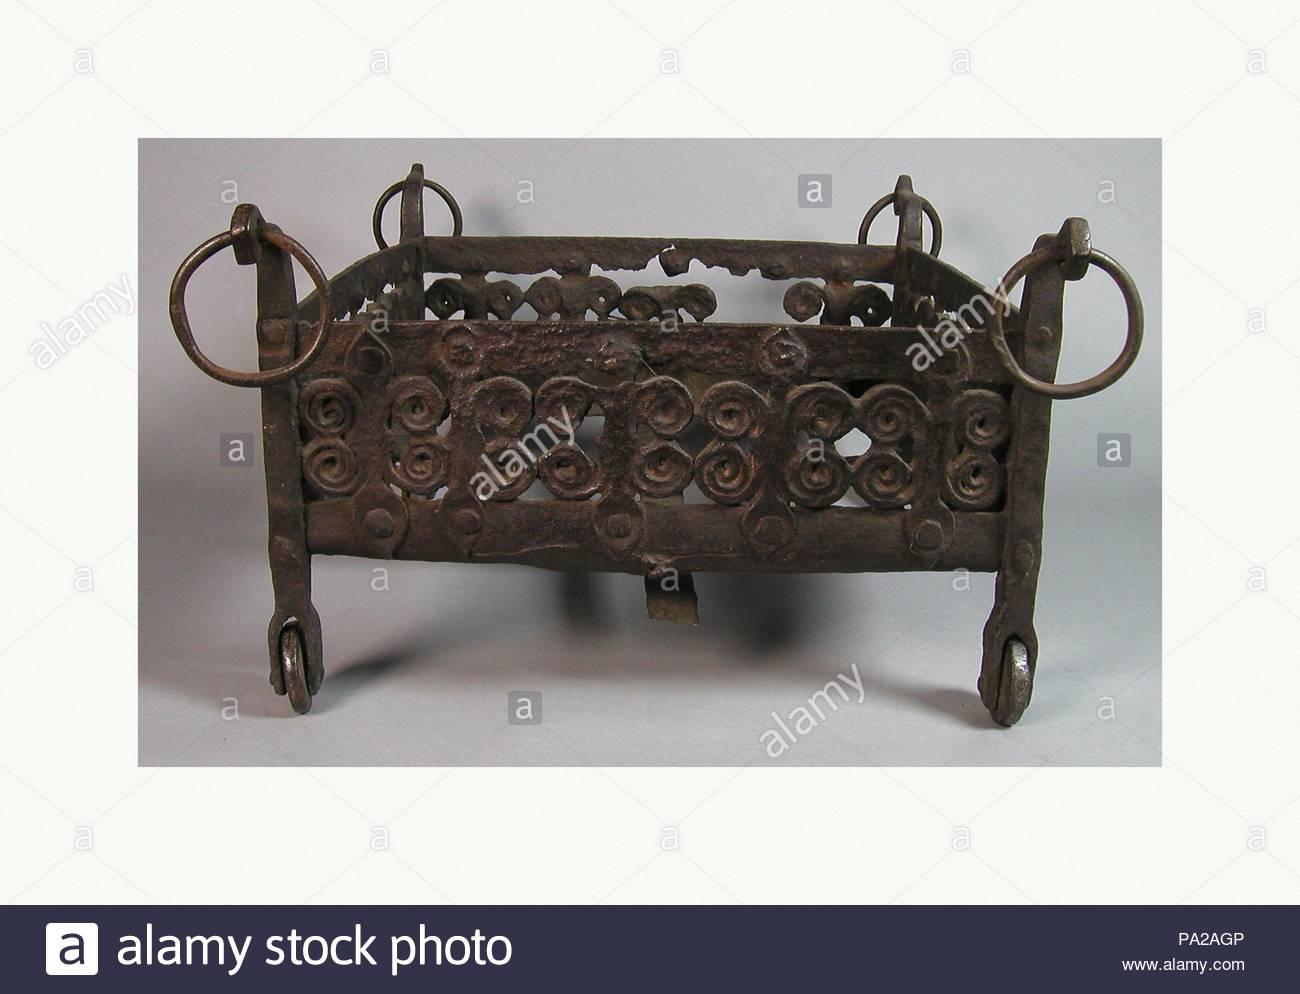 Brazier, 13. Jahrhundert, Spanisch, Schmiedeeisen, Gesamt: 10 x 14 3/4 x 19 in. (25,4 x 37,5 x 48,3 cm), Metalwork-Iron. Stockbild